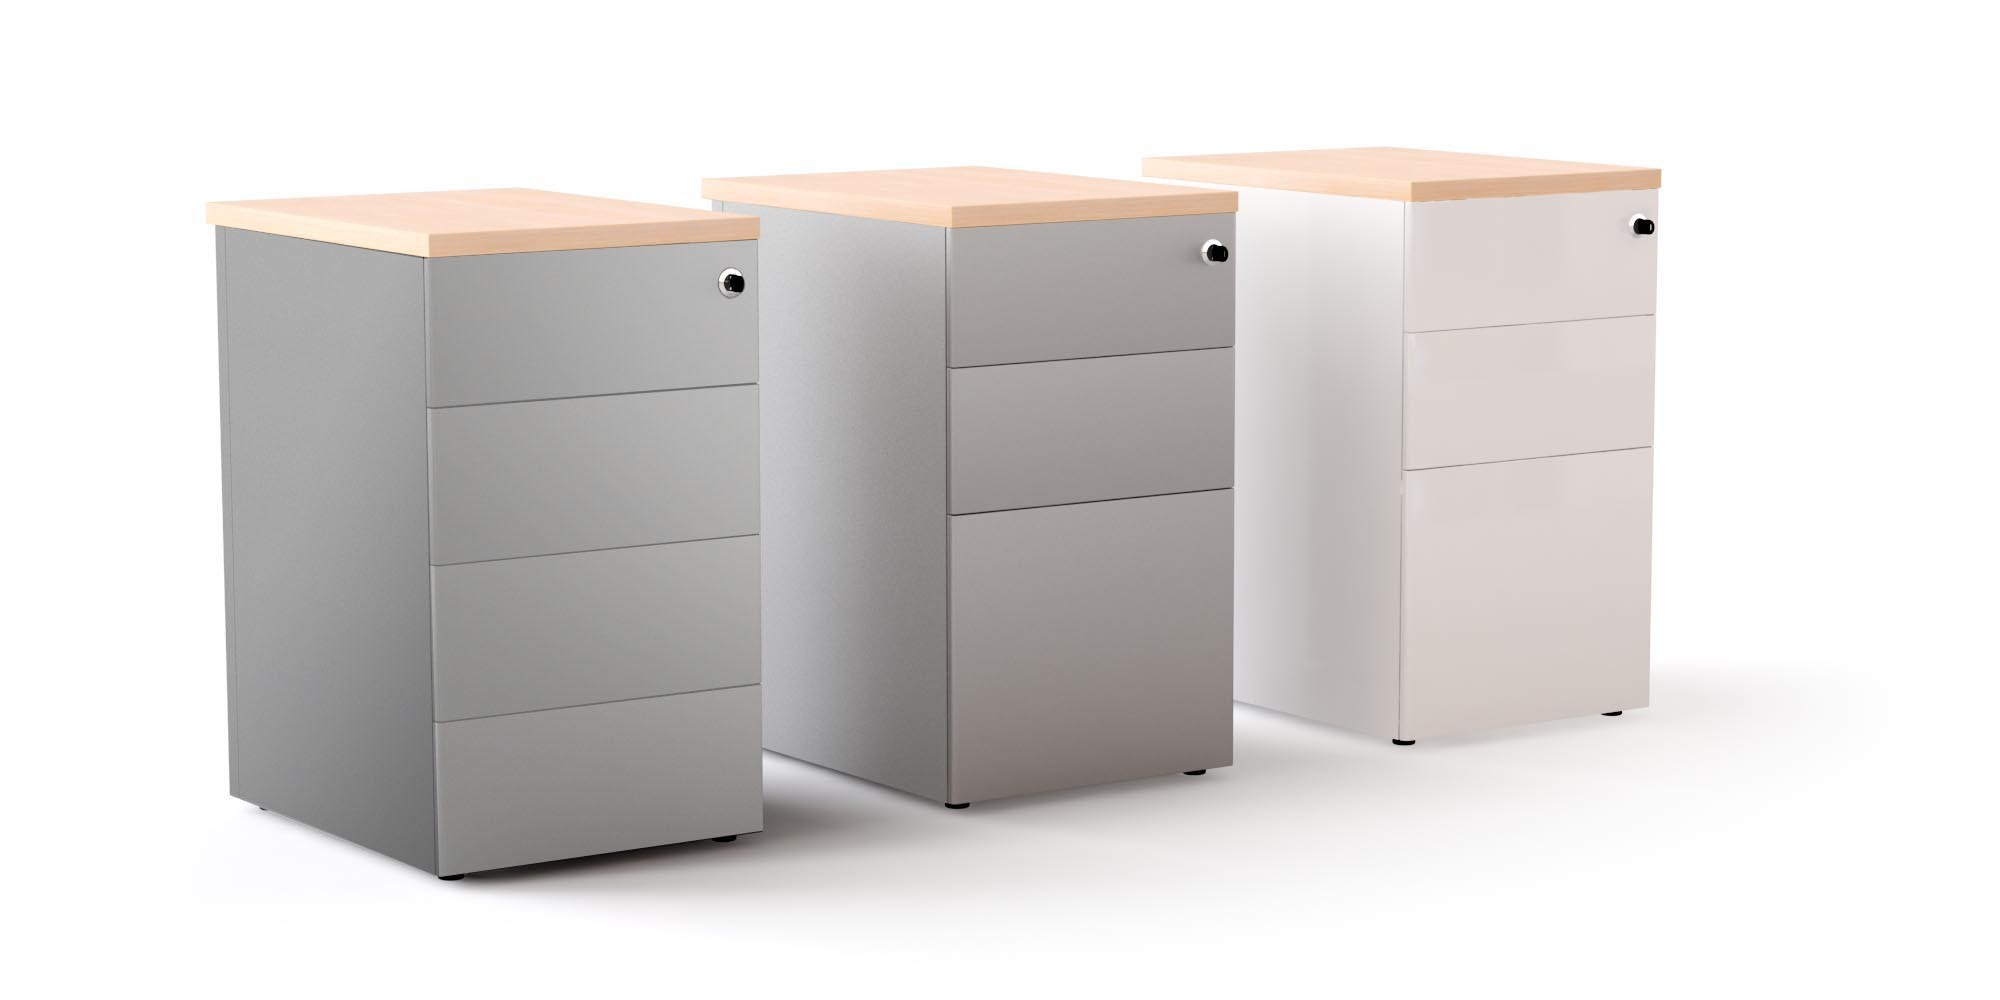 caisson hauteur bureau m tal achat caisson hauteur. Black Bedroom Furniture Sets. Home Design Ideas